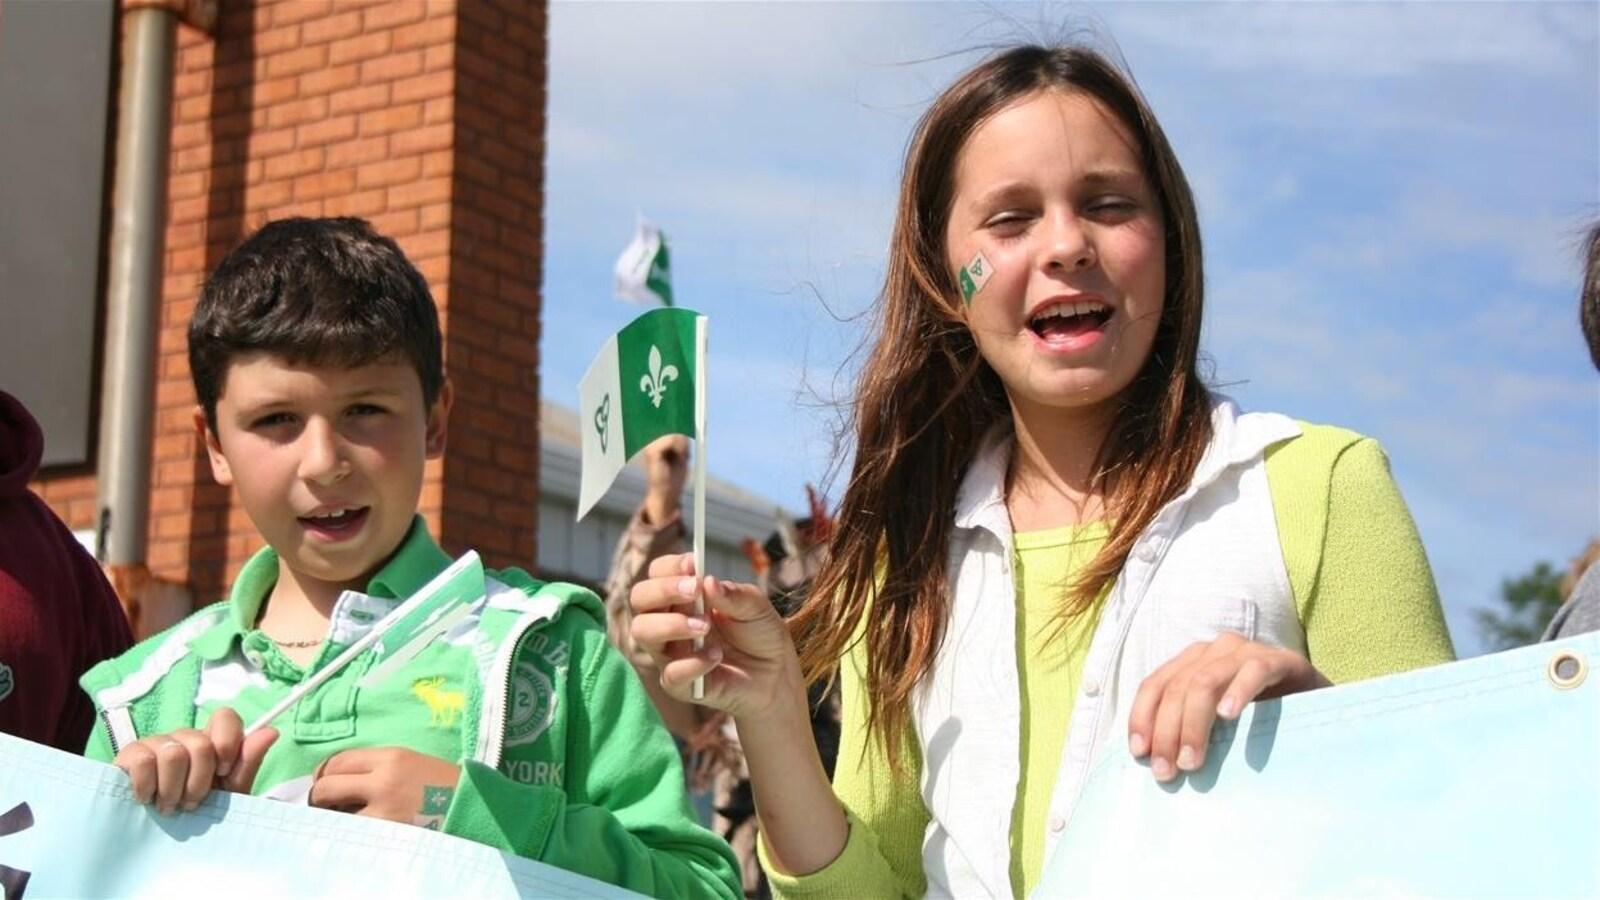 Deux enfants brandissent le drapeau franco-ontarien à la Saint-Jean-Baptiste dans le Grand Sudbury.